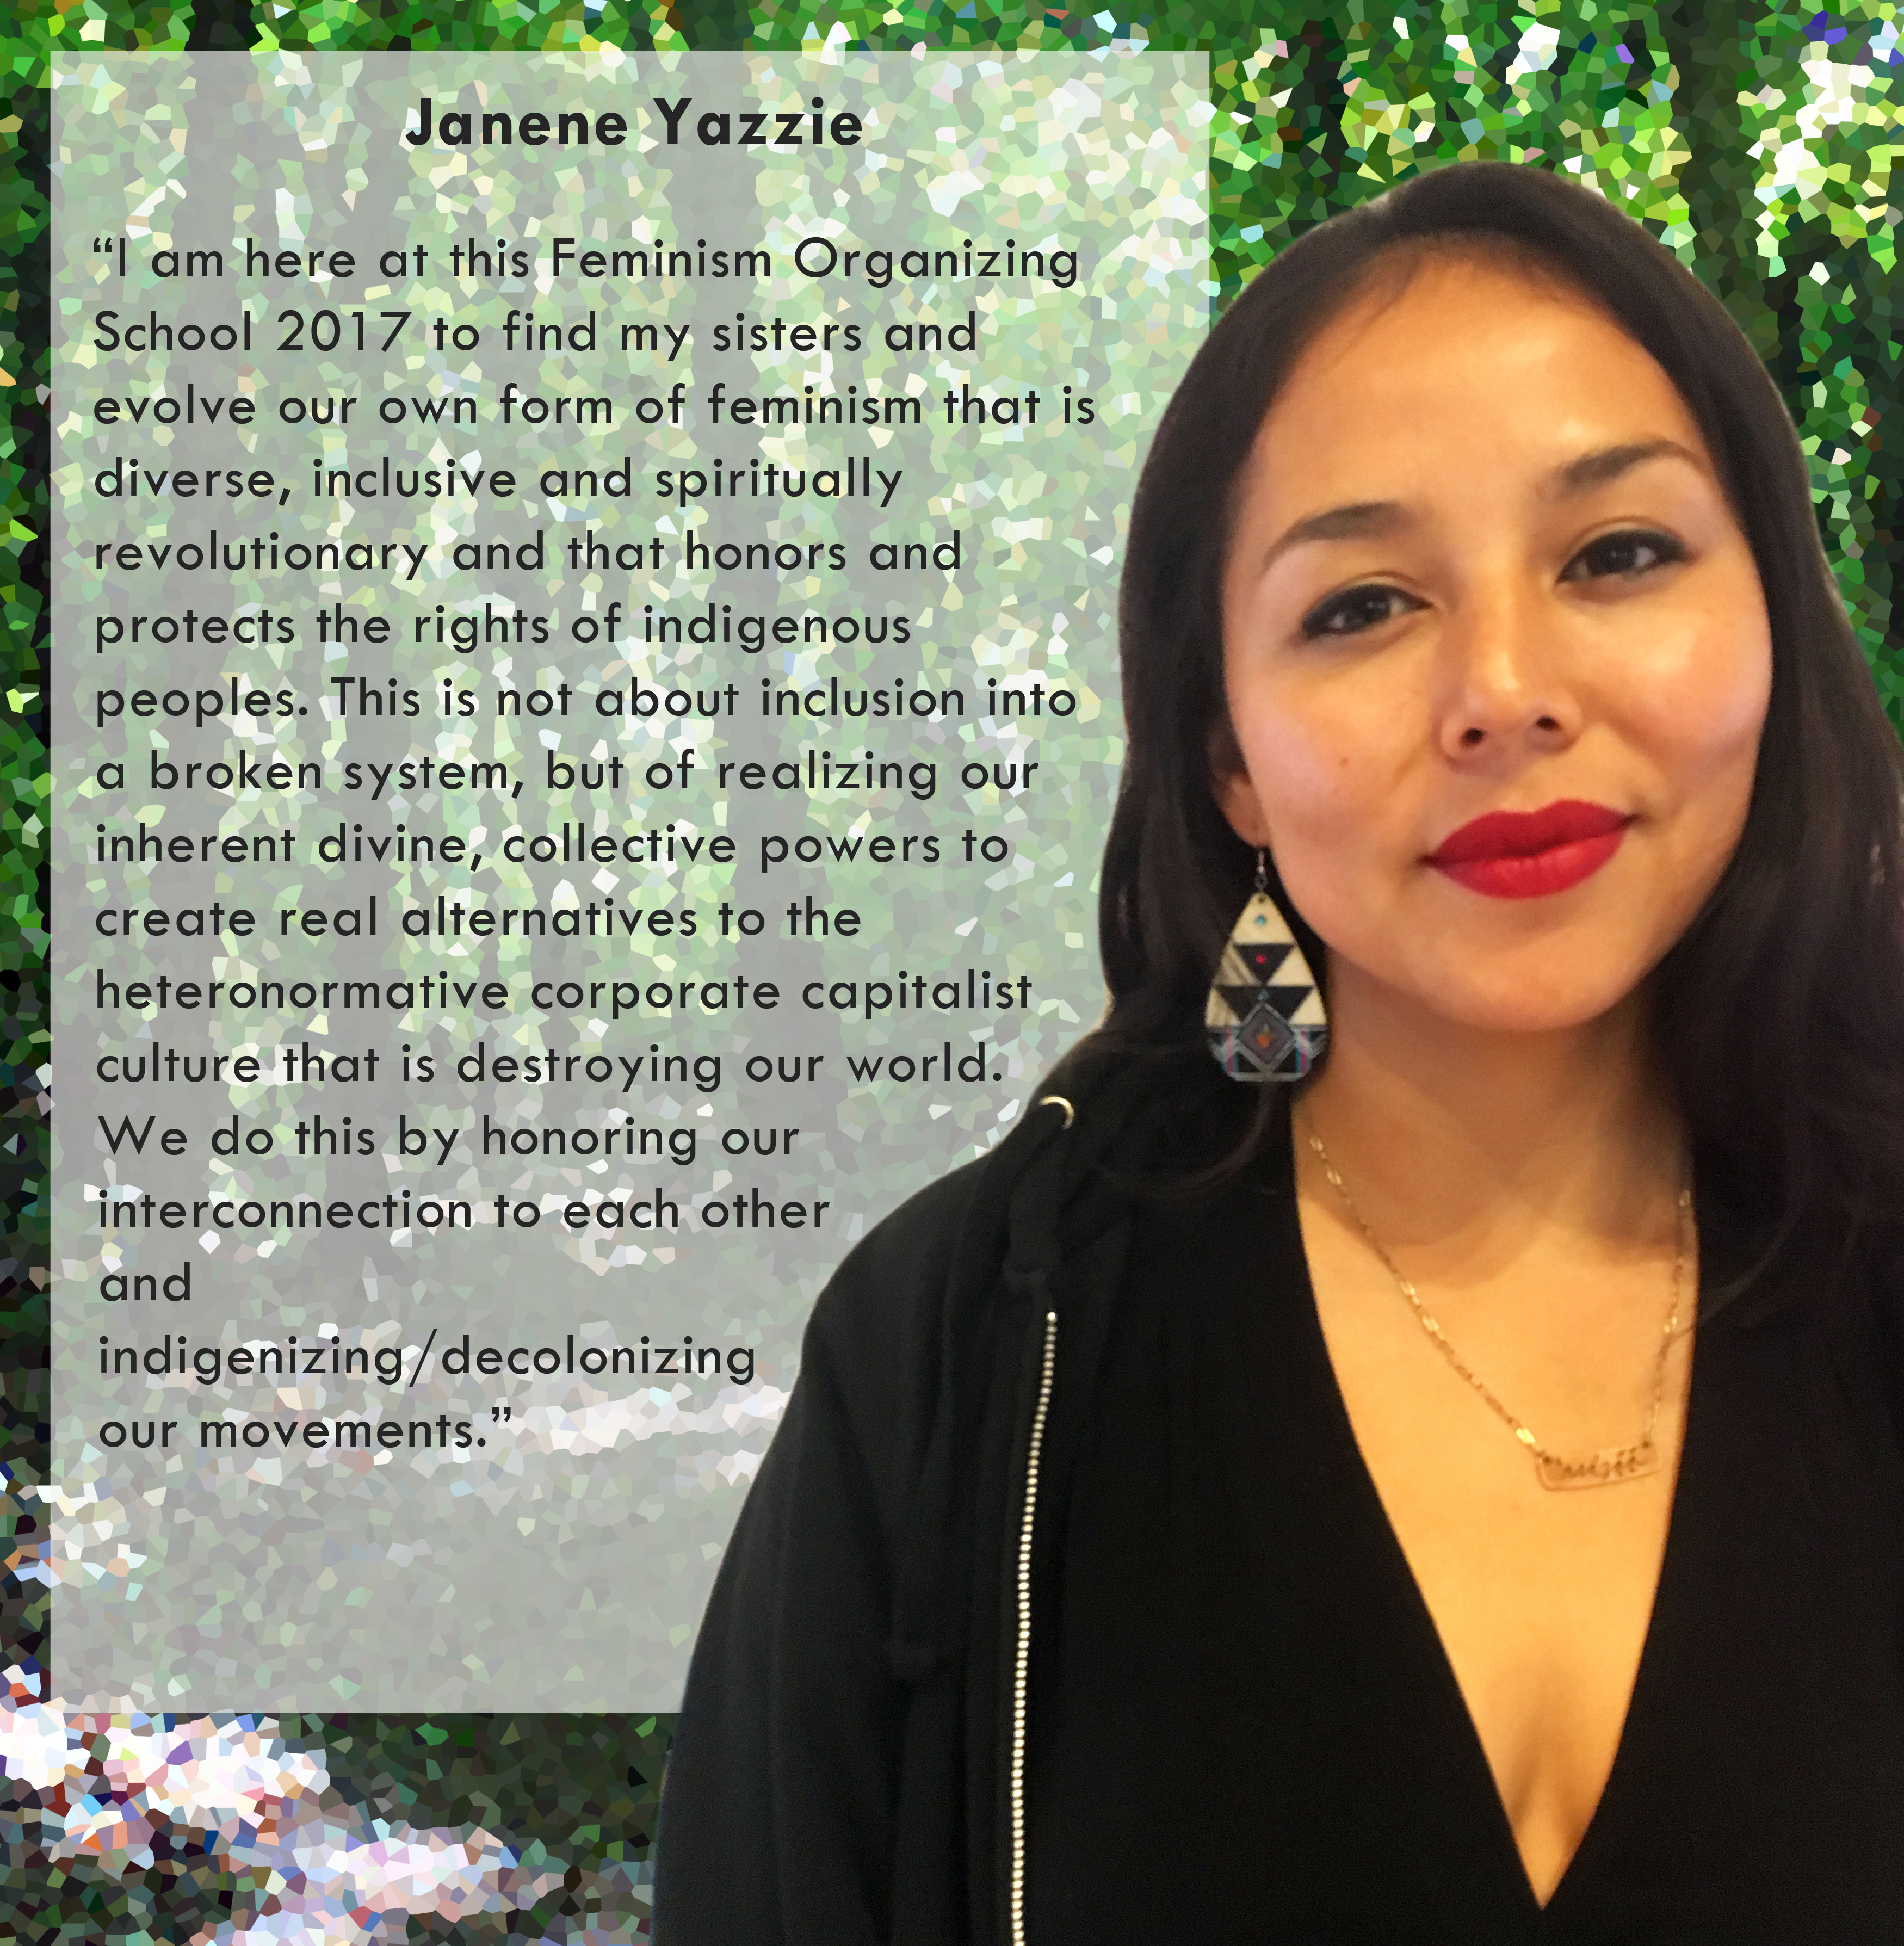 Janene Yazzie